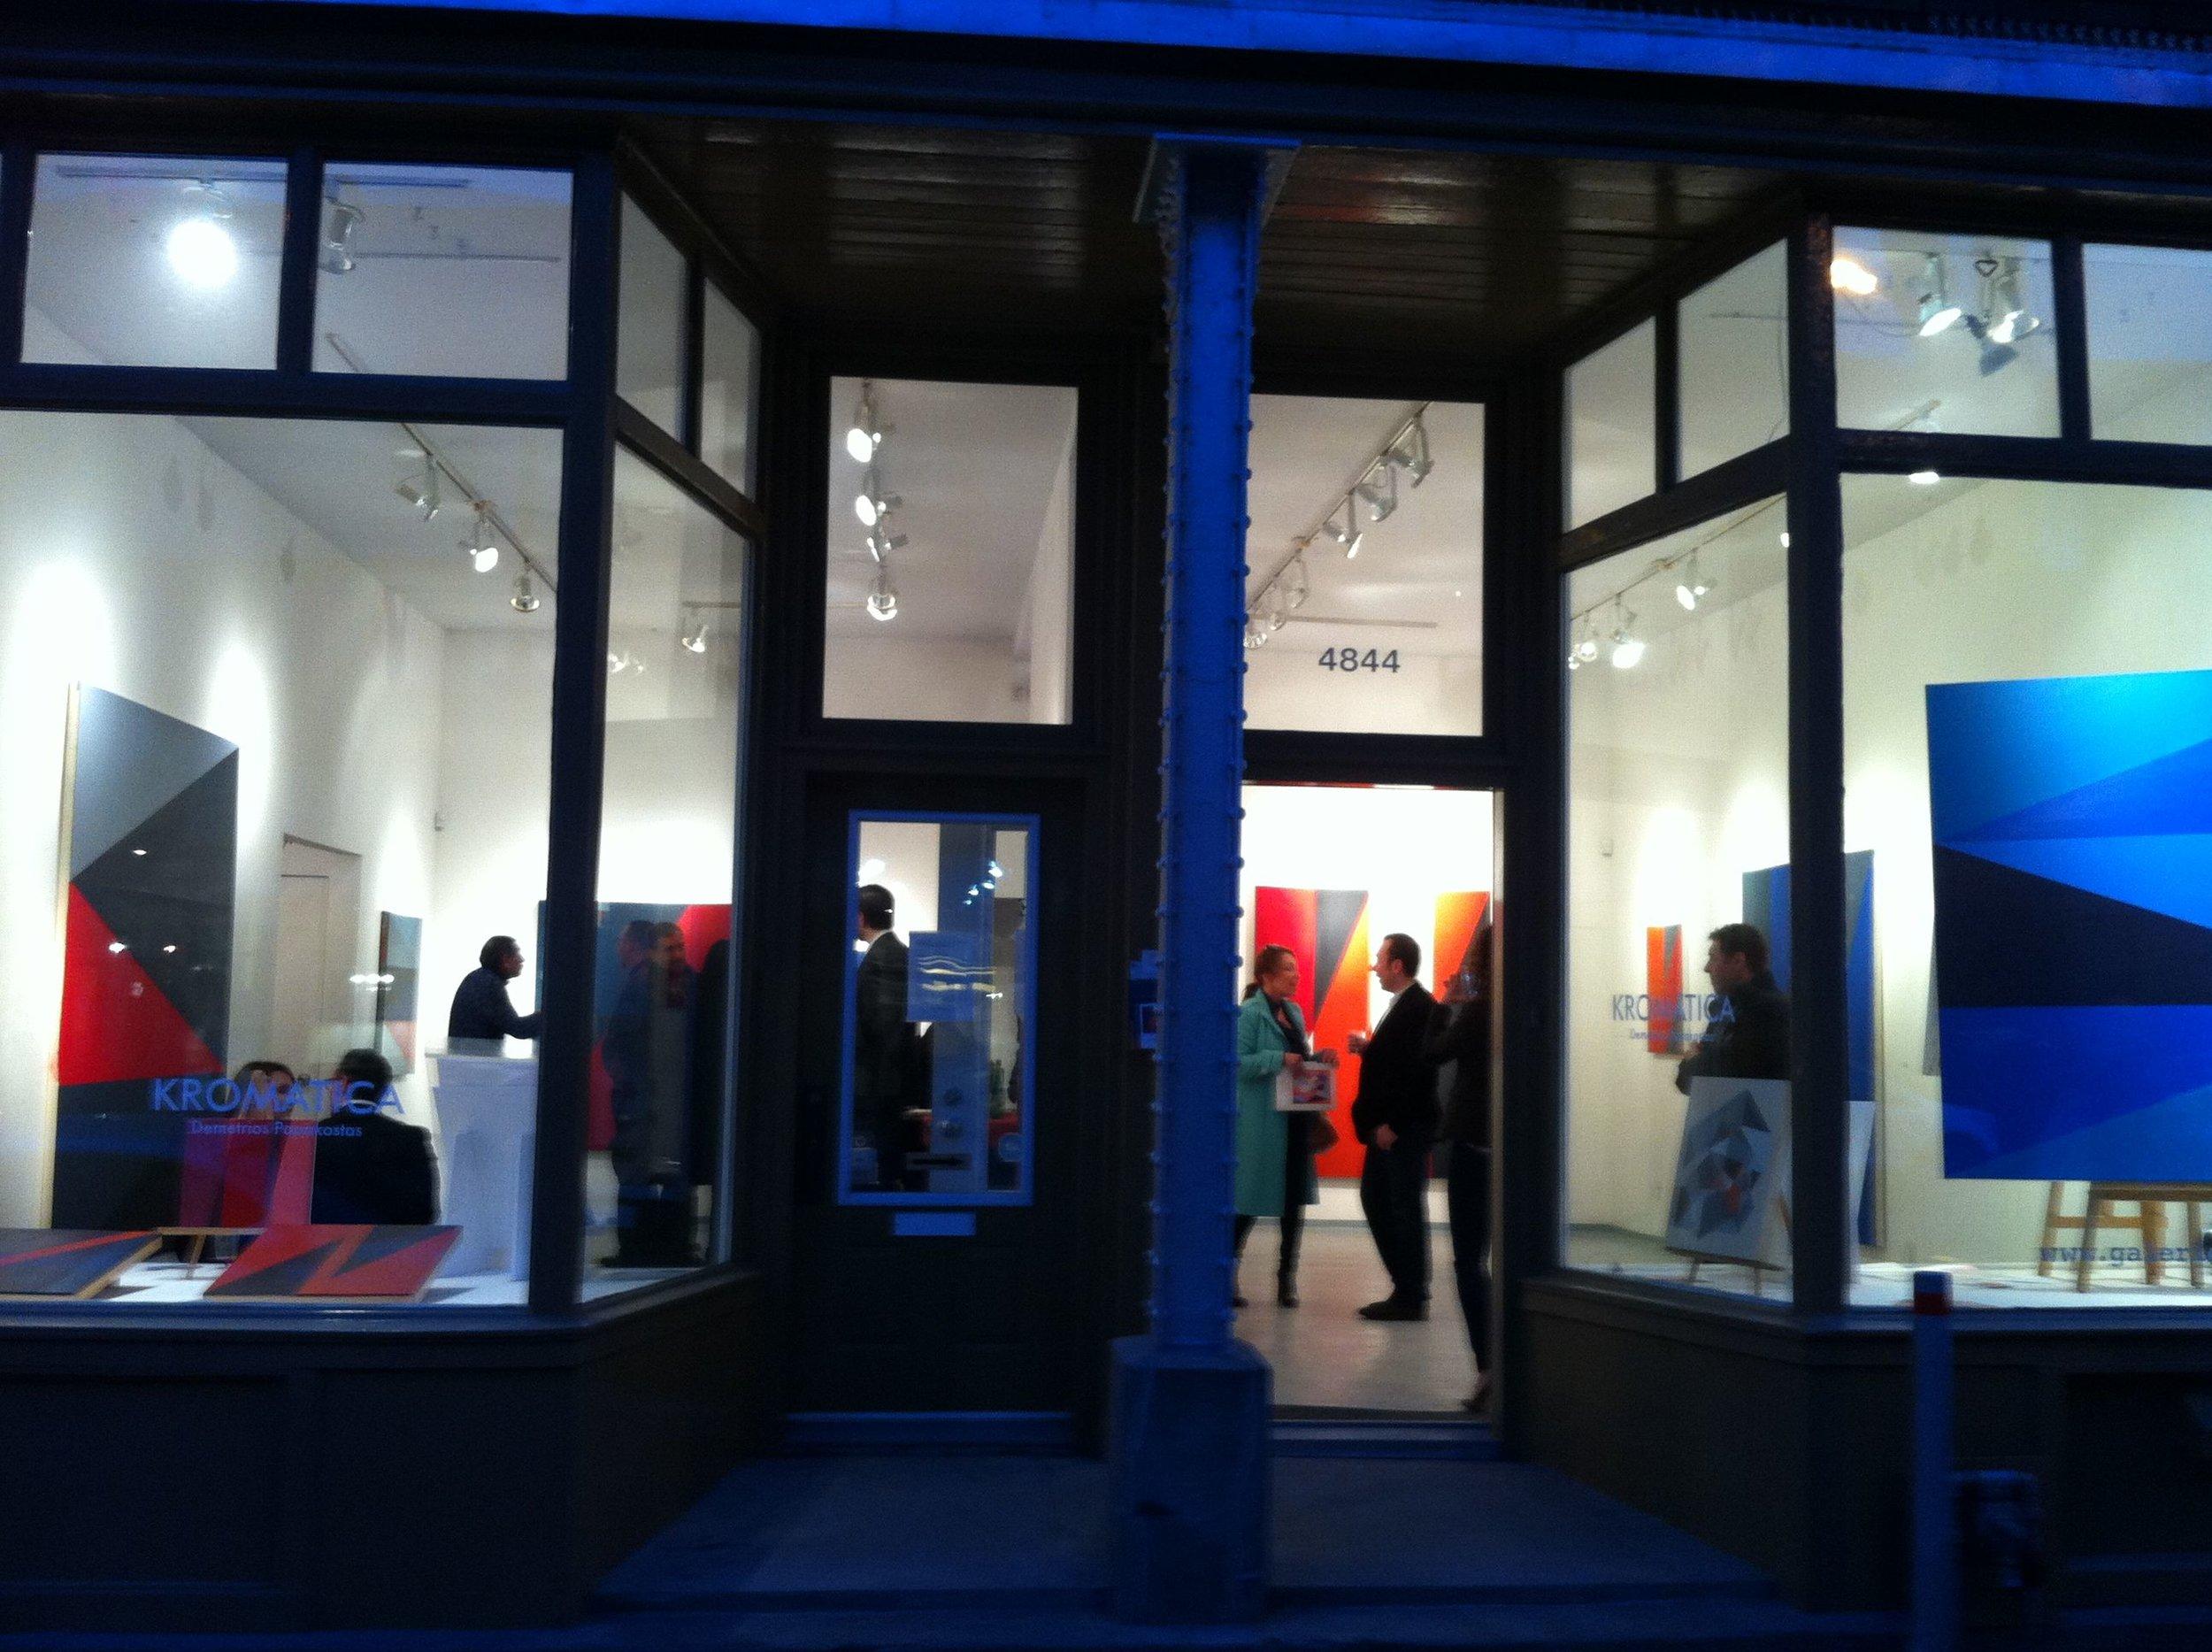 Kromatica Exhibition